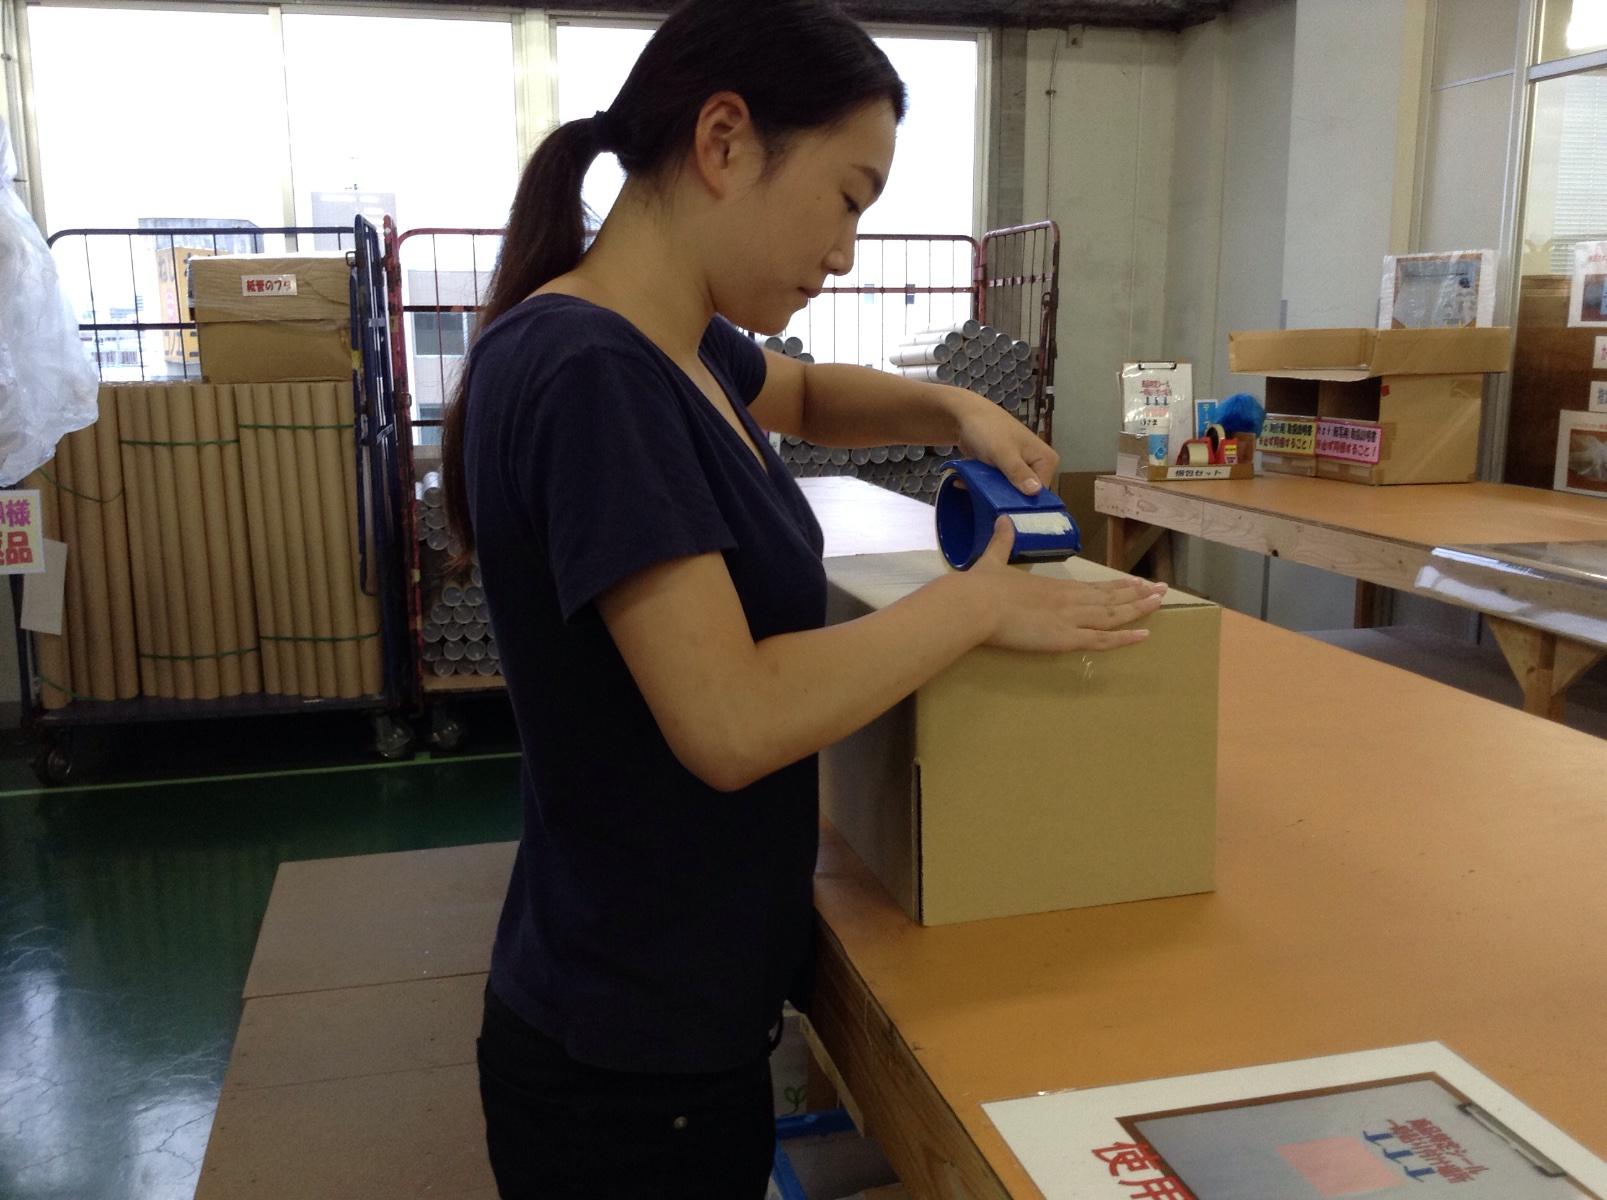 ミドルの転職 沖縄県の転職・求人情報、6ページ目 エン